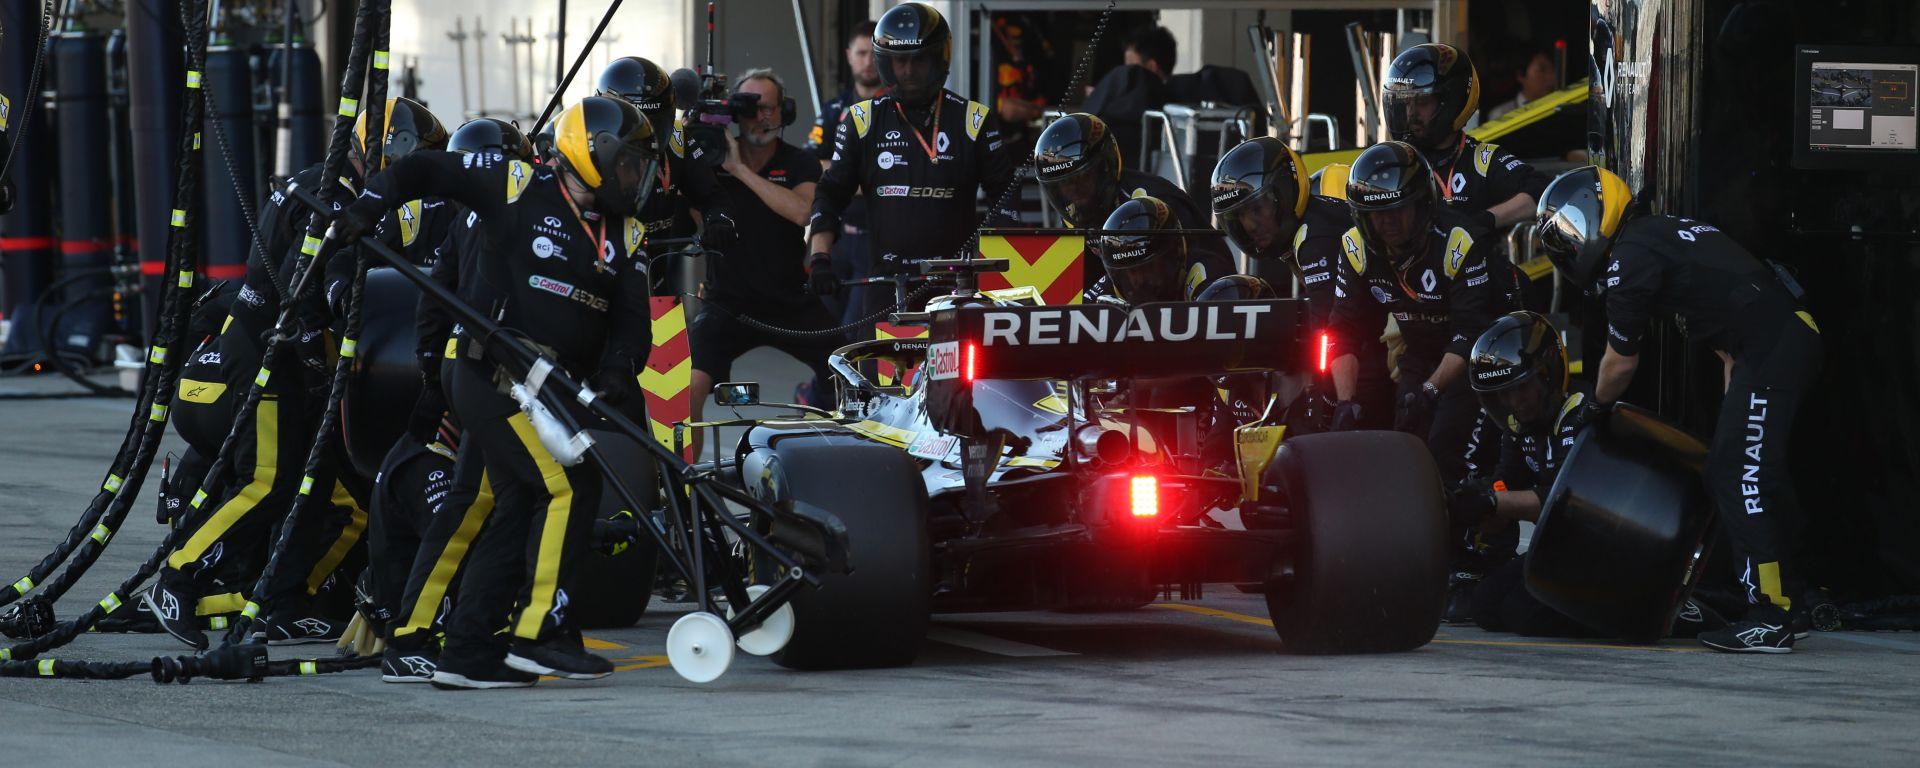 F1, GP Giappone 2019: pit-stop della Renault